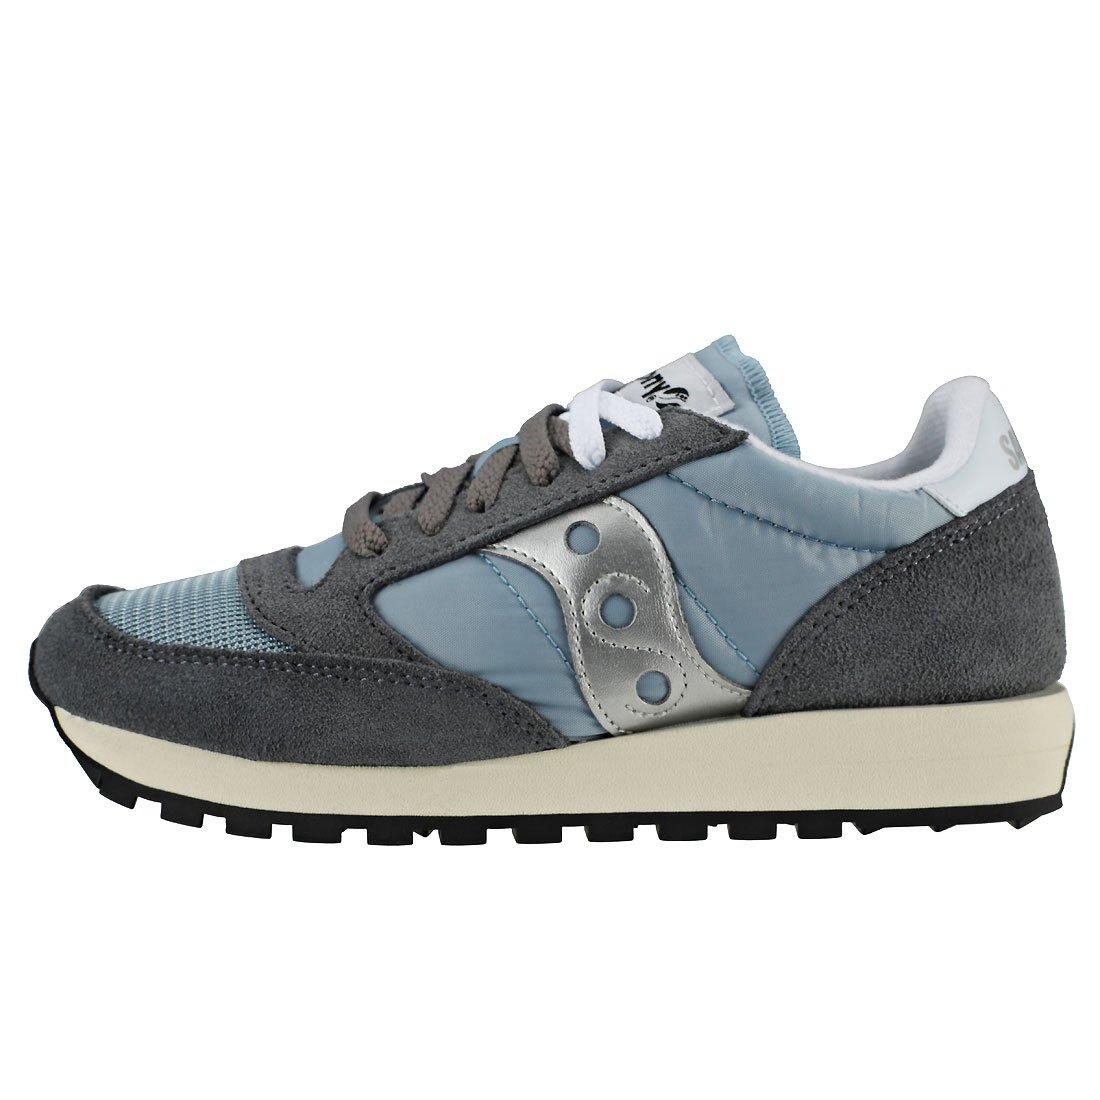 Saucony Originals Women's Jazz Vintage Running Shoe B07955LLZ1 8.5 M US|Grey/Blue/White